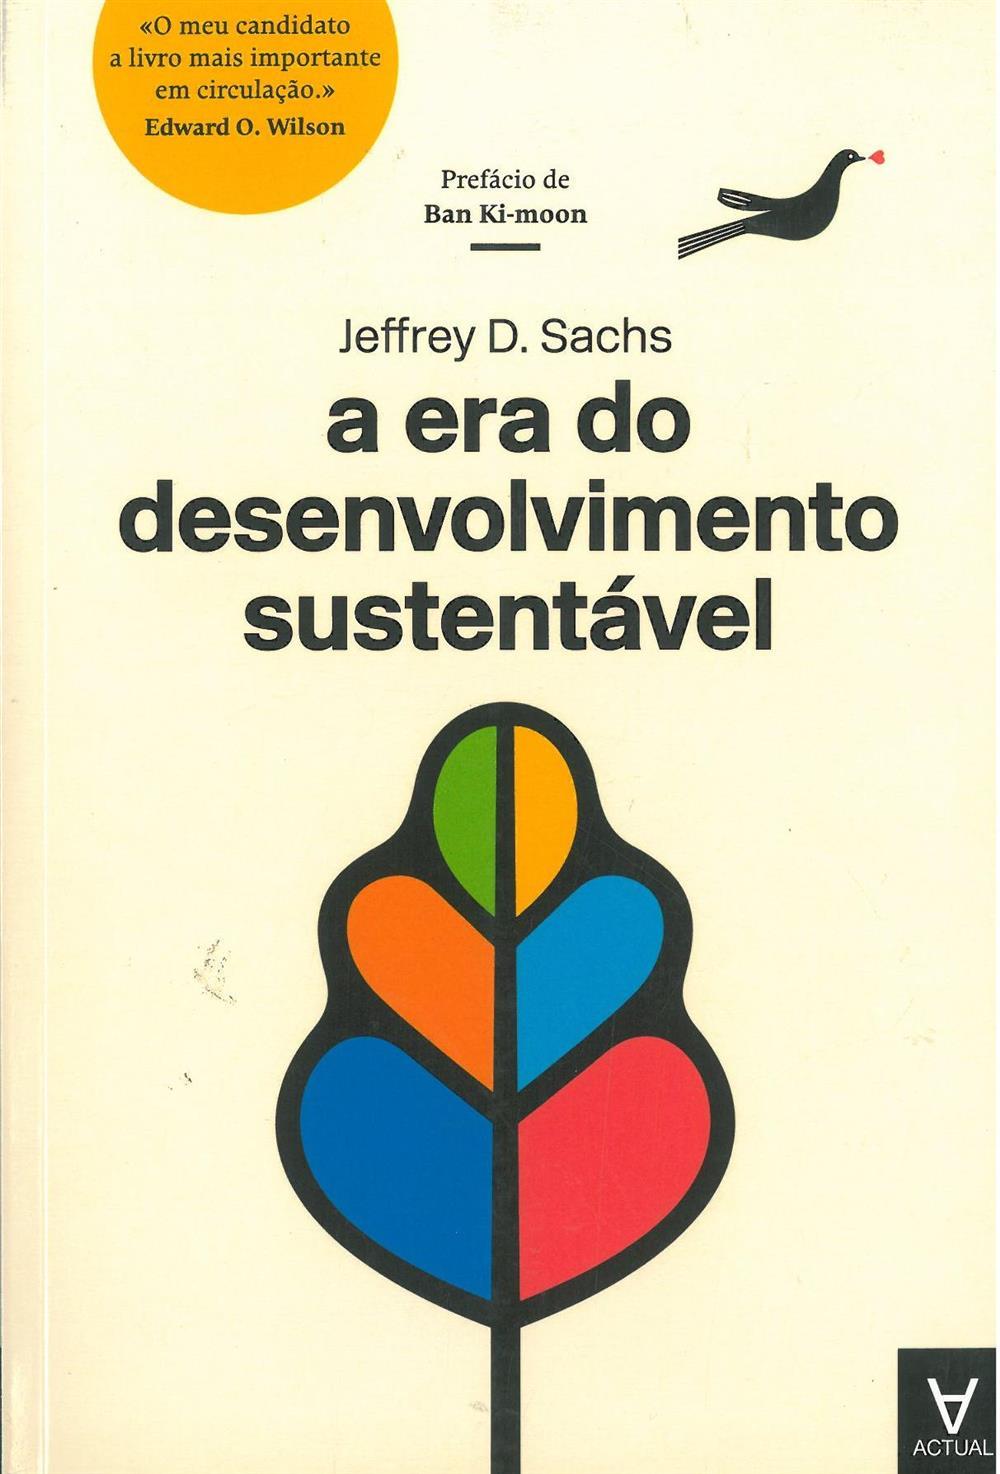 A era do desenvolvimento sustentável_.jpg